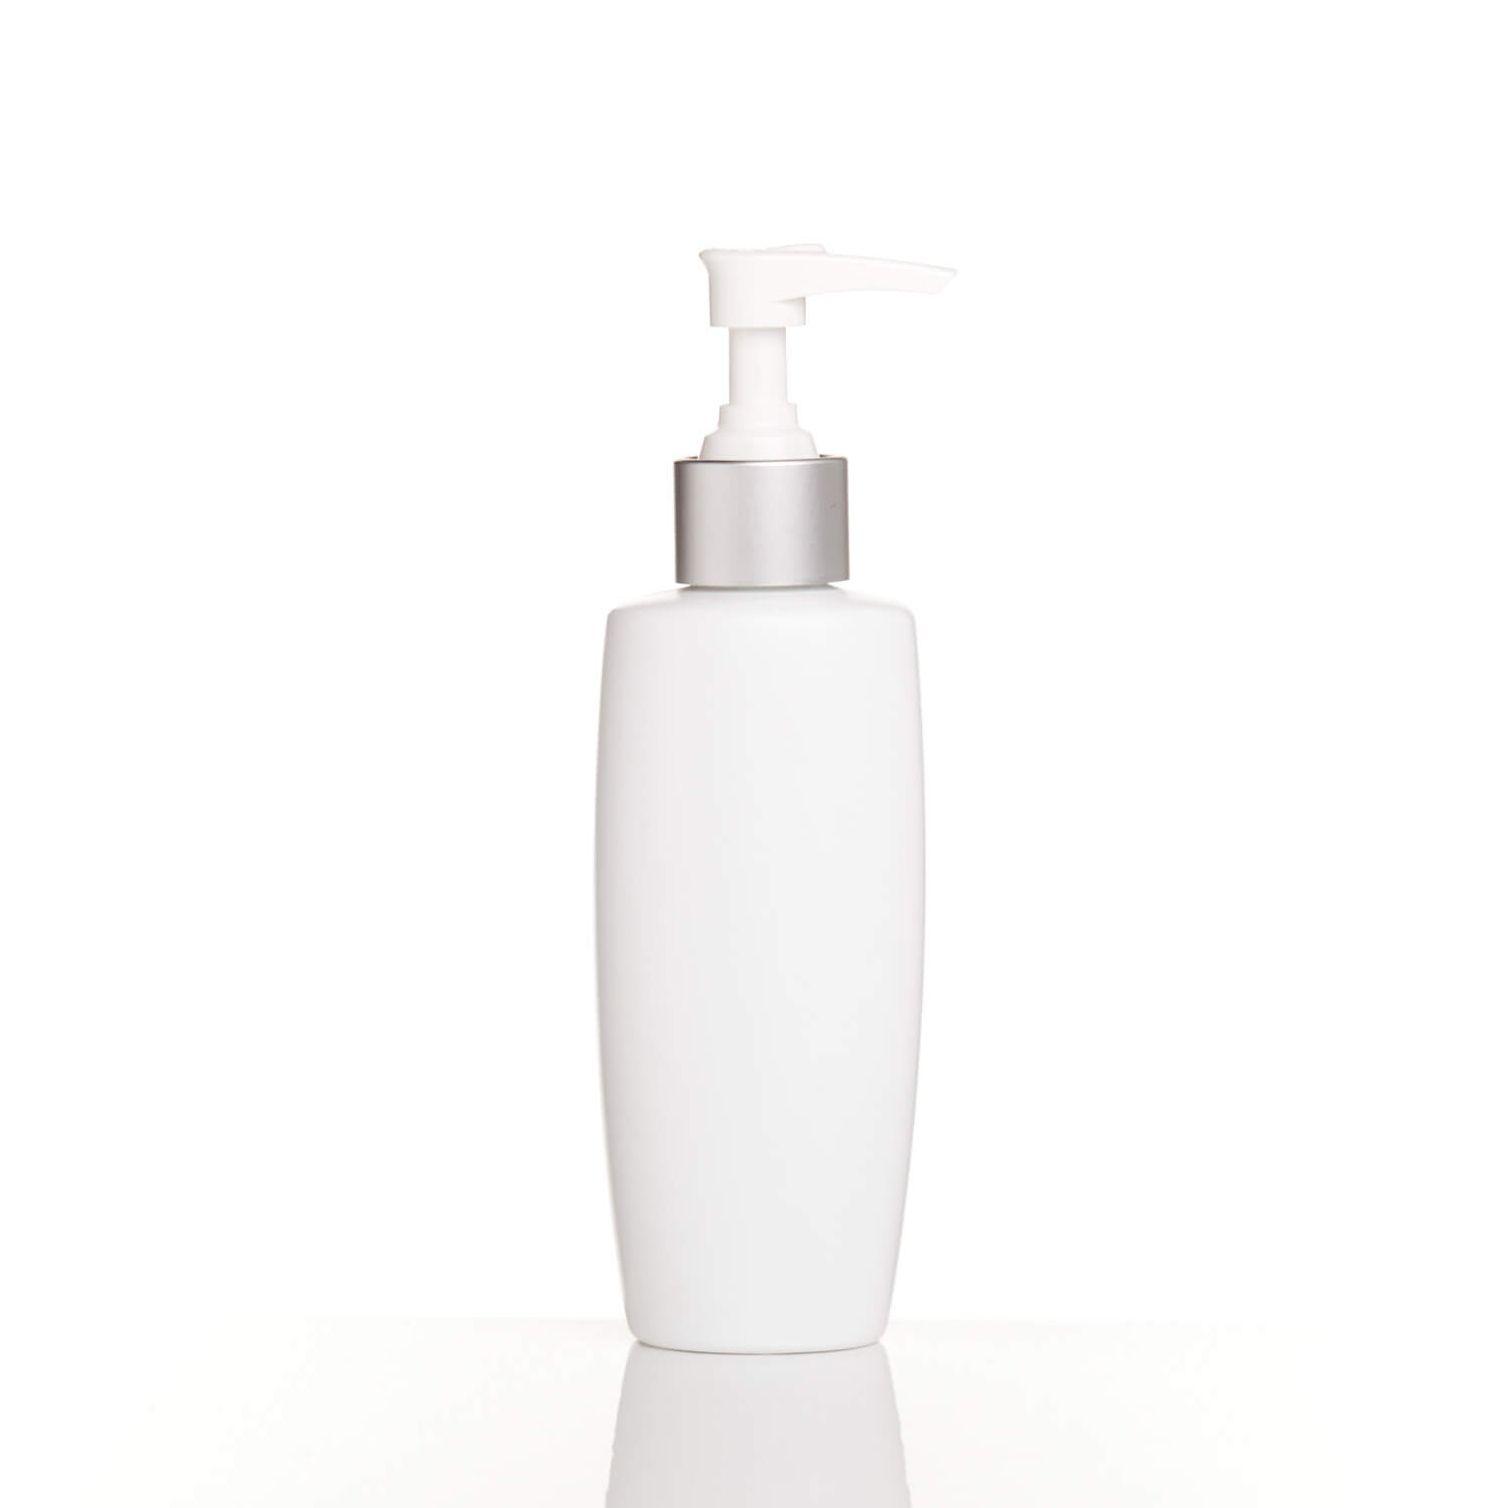 botella cosmética blanca